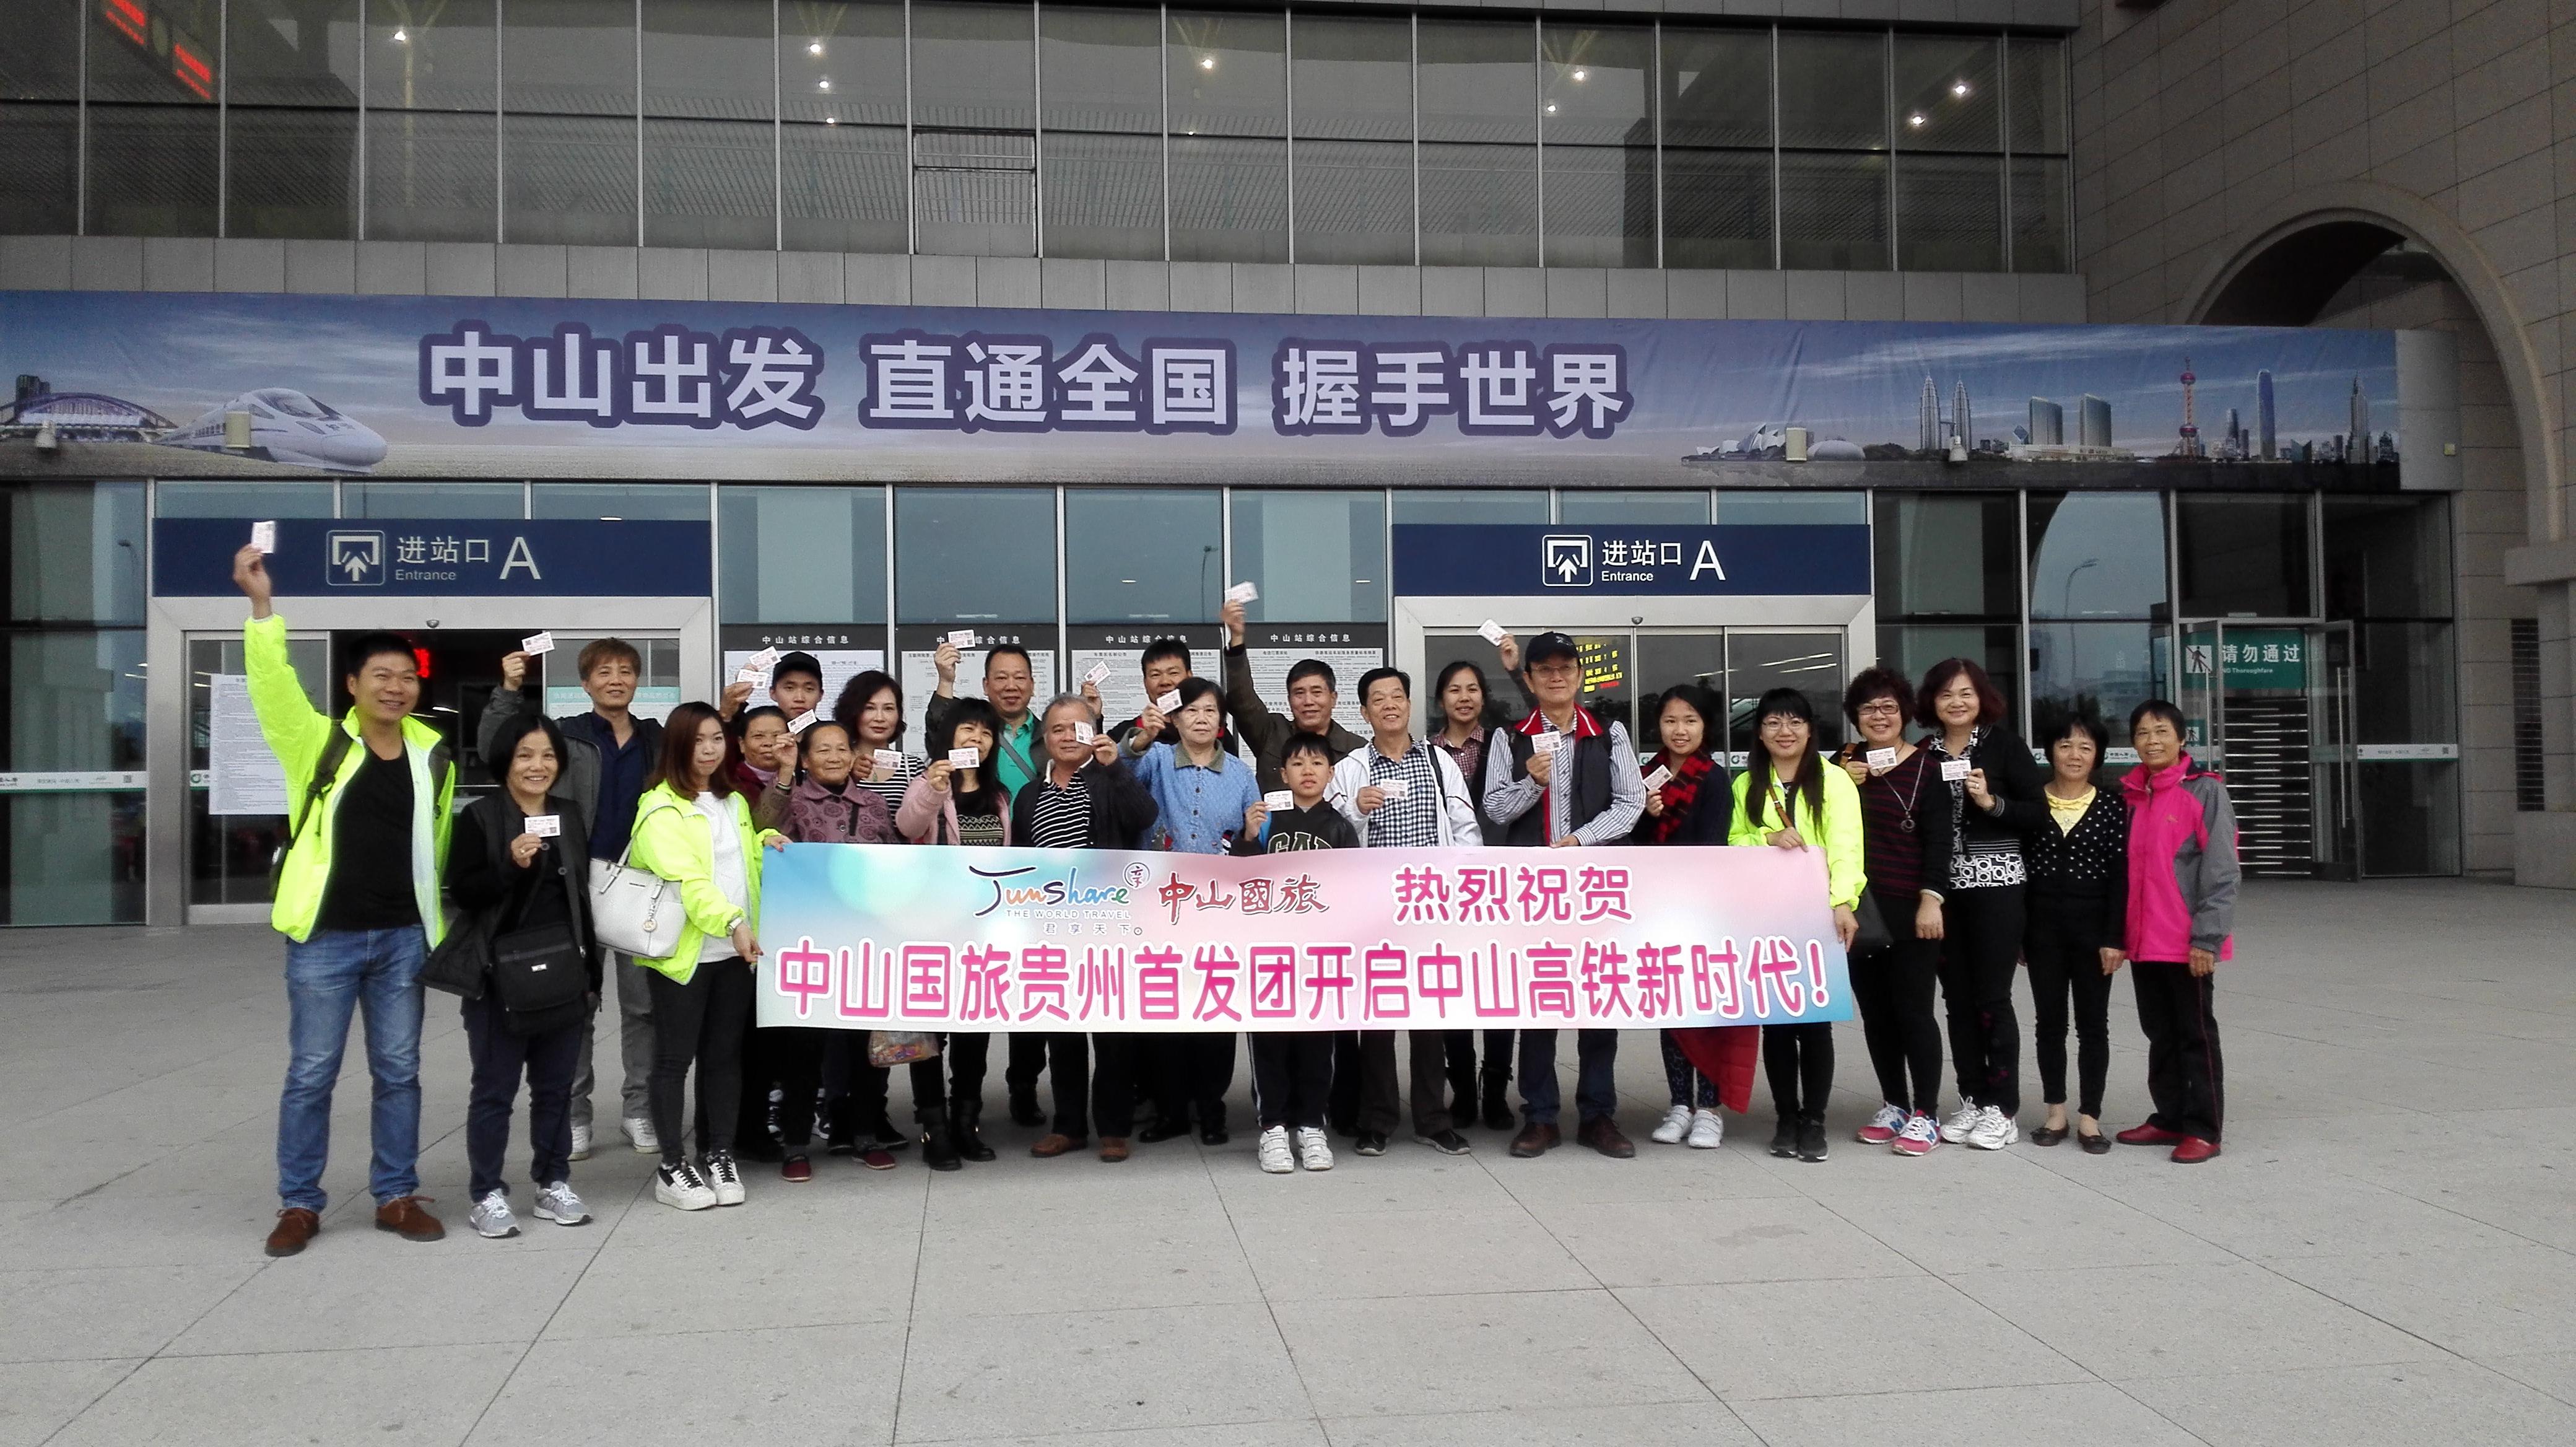 珠海高铁站麒哥照片